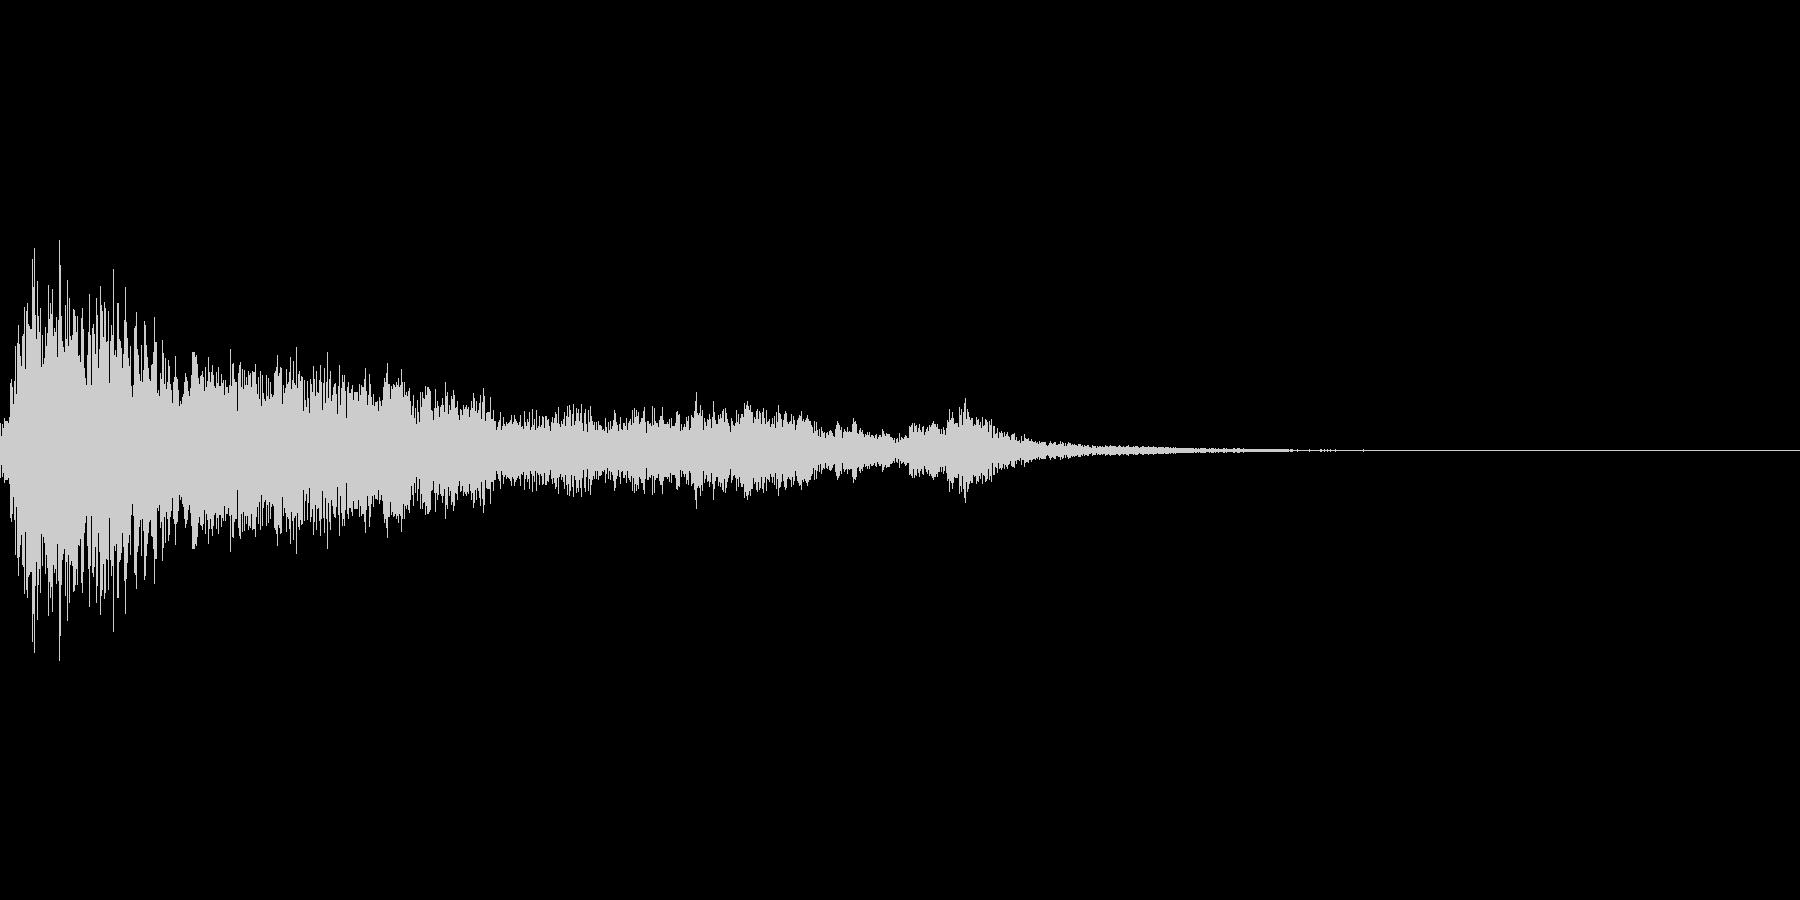 キュイーンと気づく音の未再生の波形